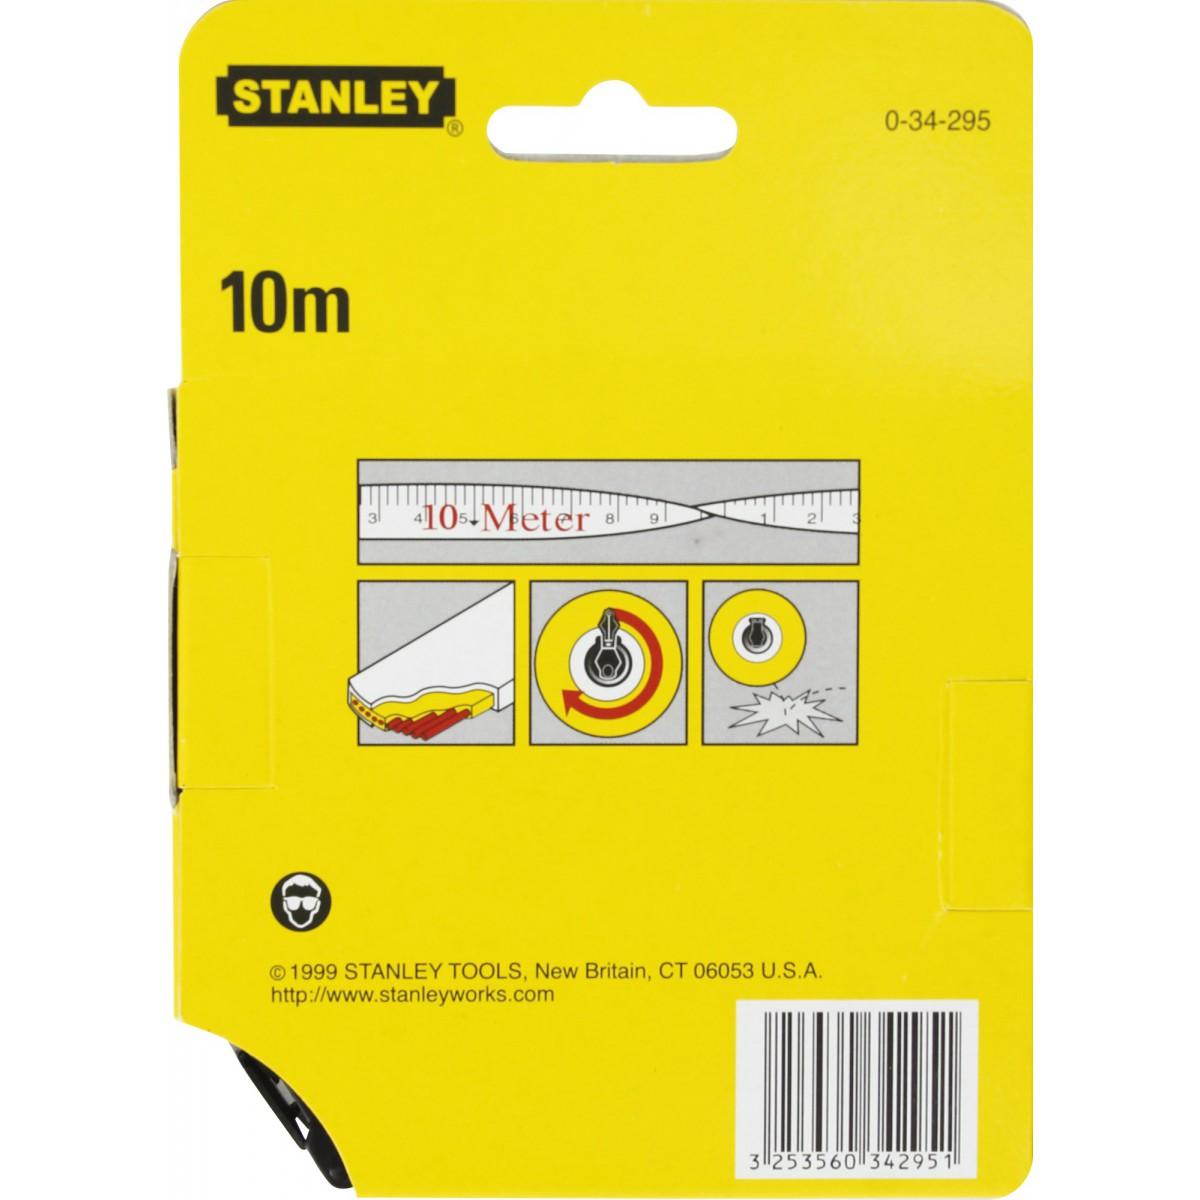 Ruban fibre de verre Stanley - Longueur 10 m - Largeur 12,7 mm